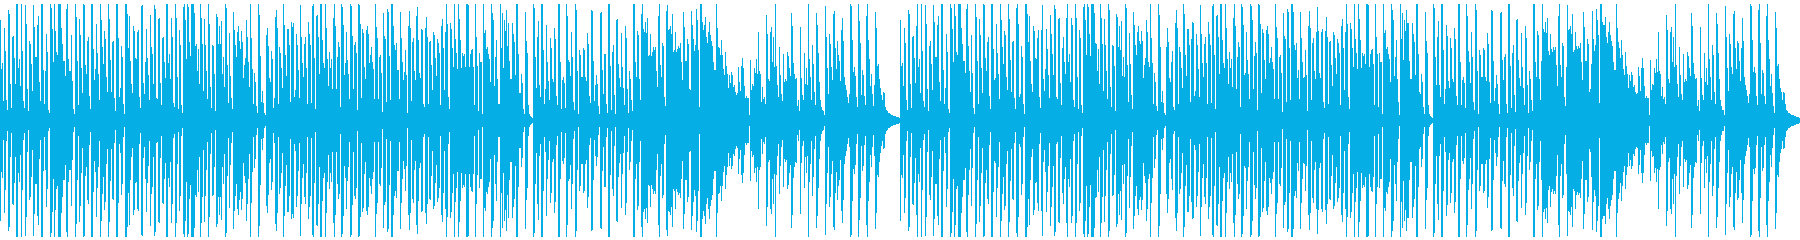 ほのぼののどかな牧場風コミカルリコーダーの再生済みの波形